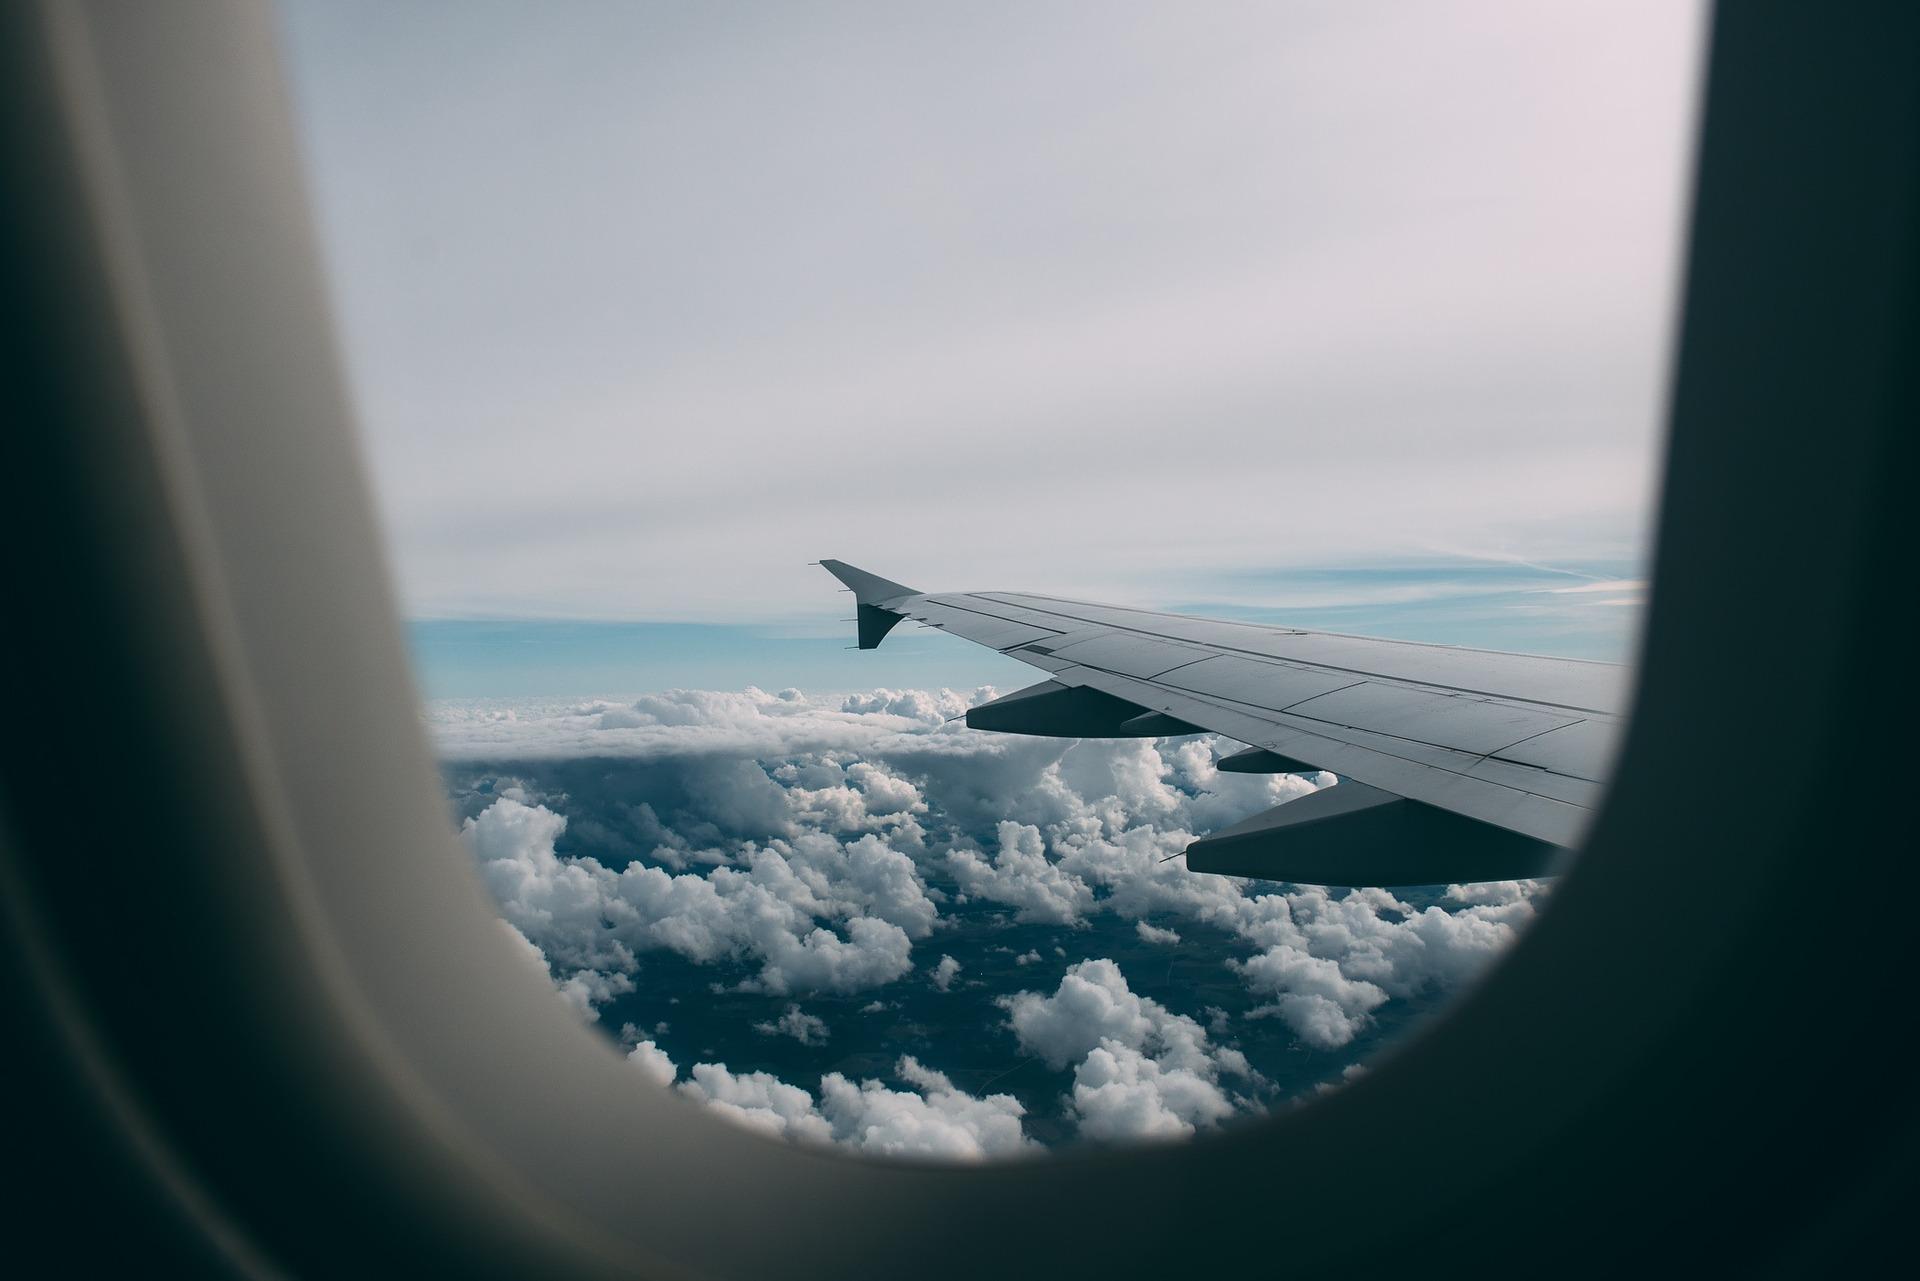 Medo de viajar: 5 dicas para você superar esse problema